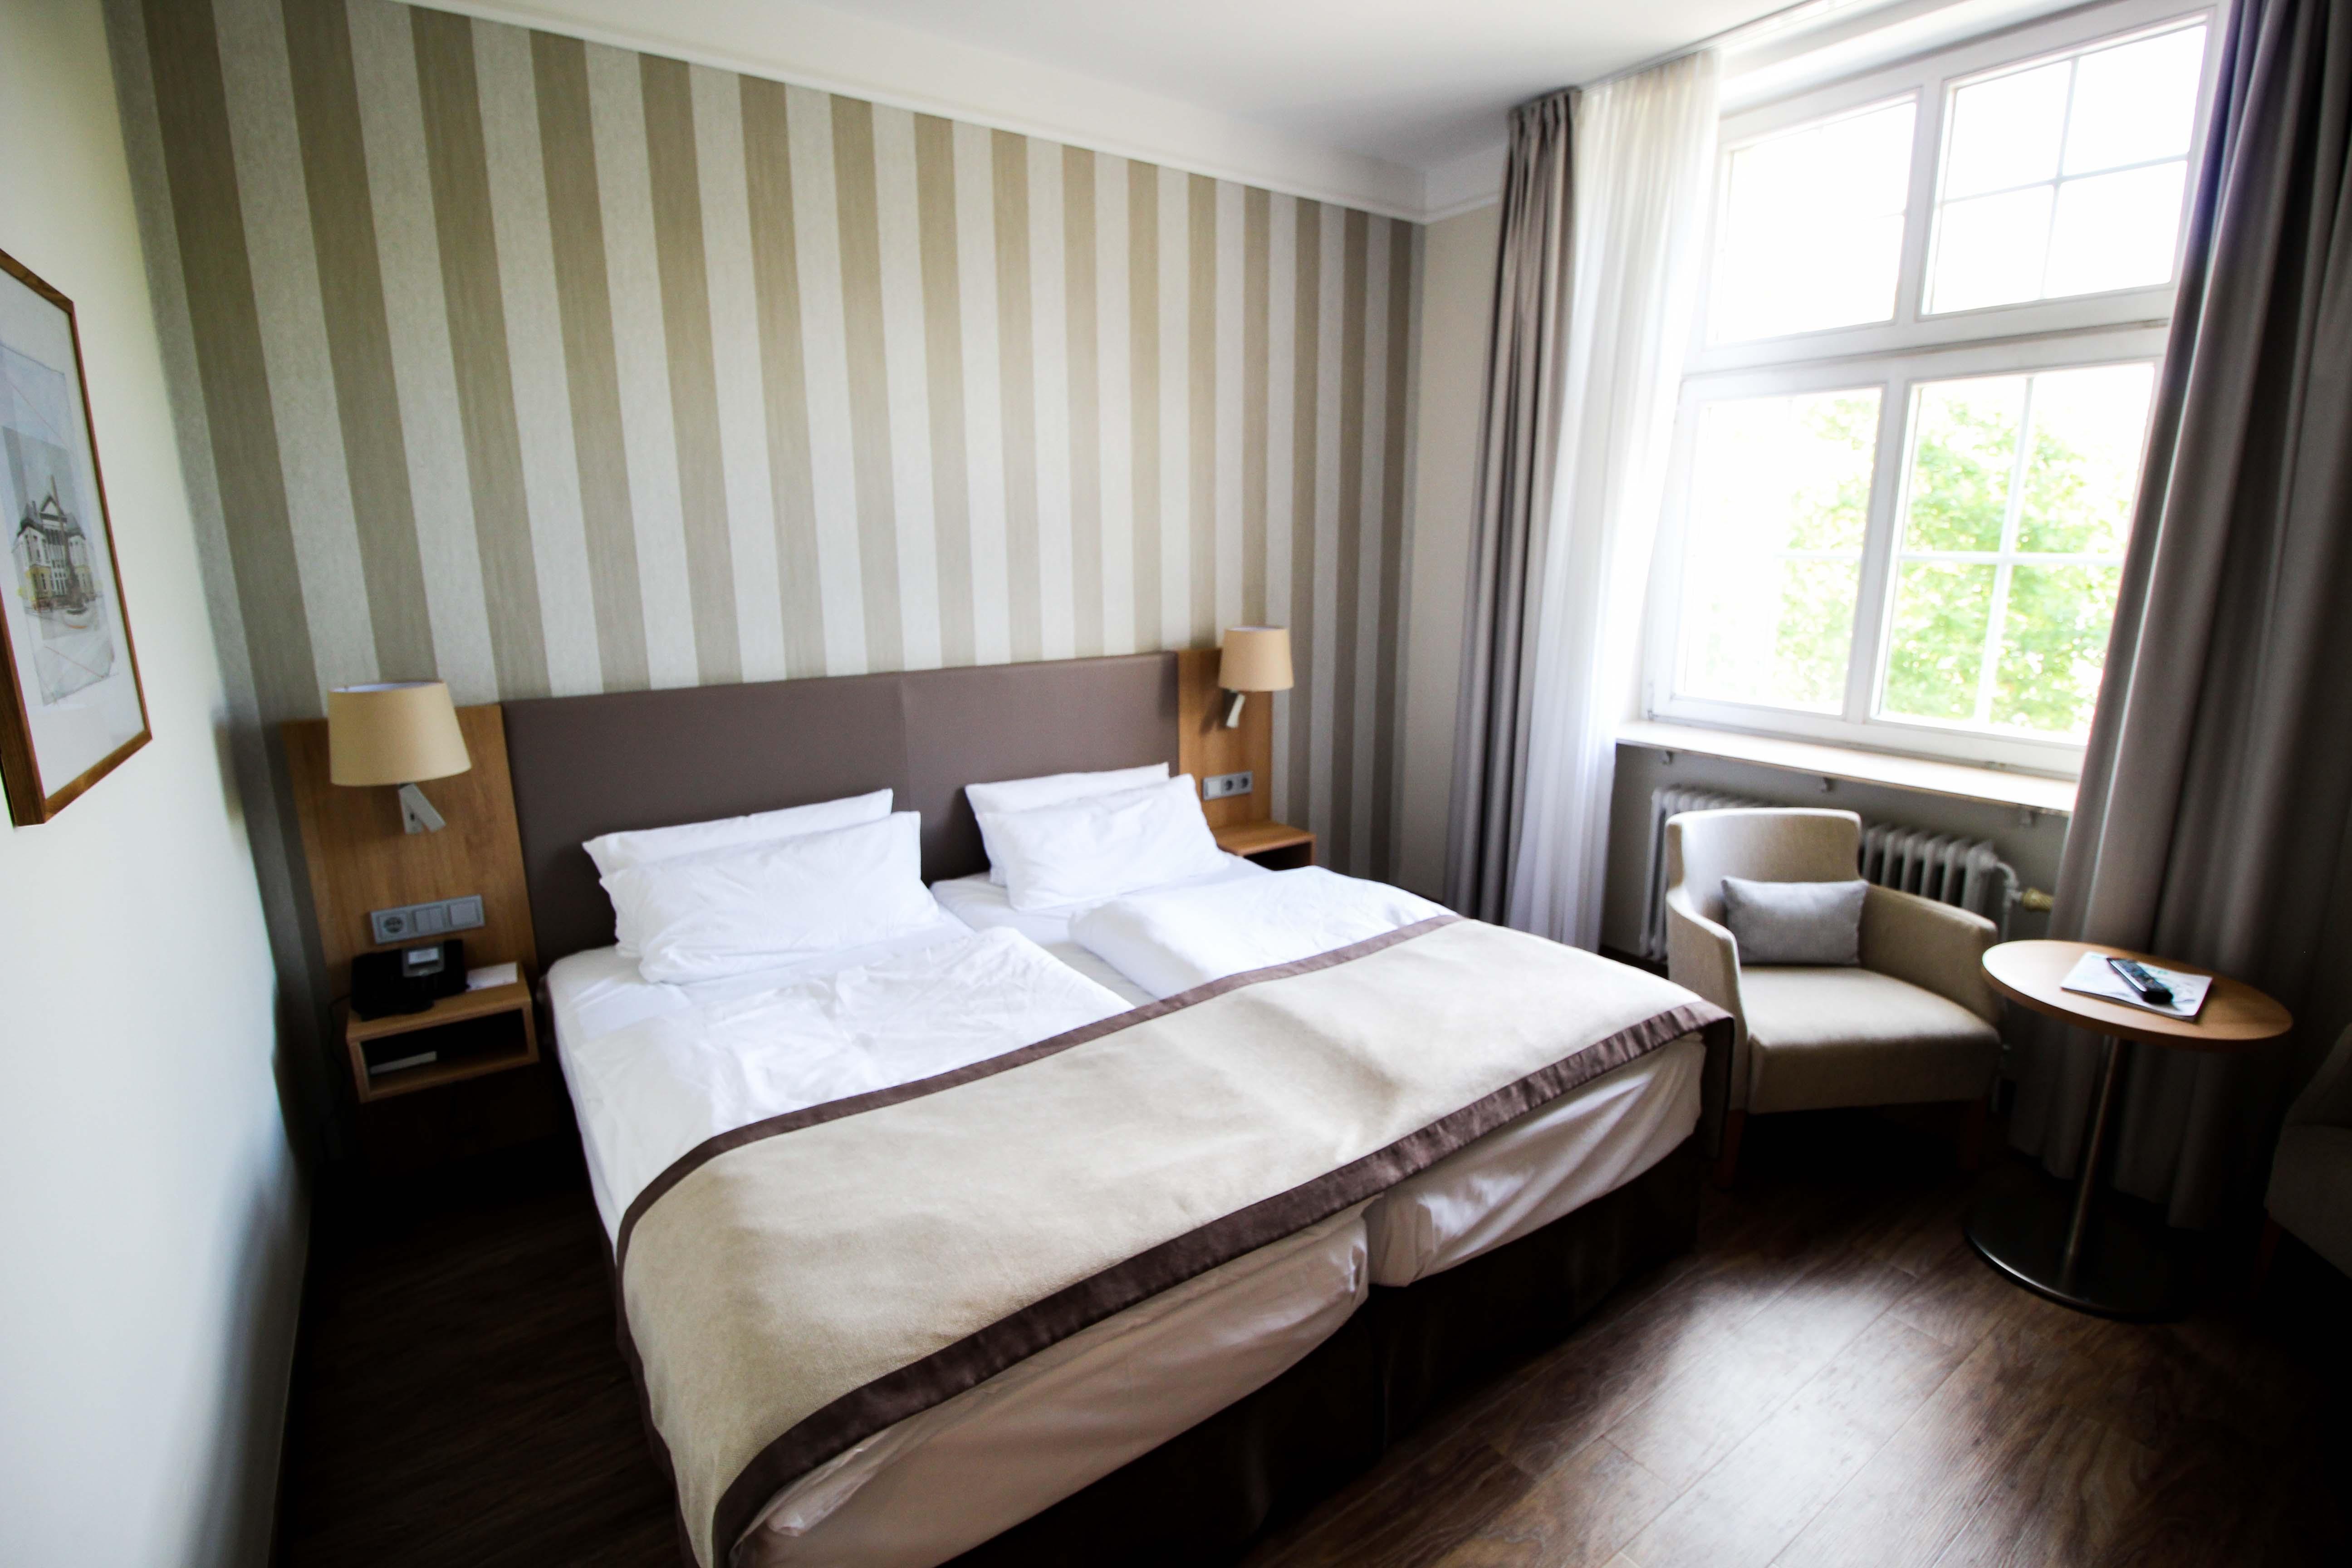 Schlosshotel Karlsruhe Hotelzimmer Bett Luxushotel Hotel Review Reiseblog Brinisfashionbook